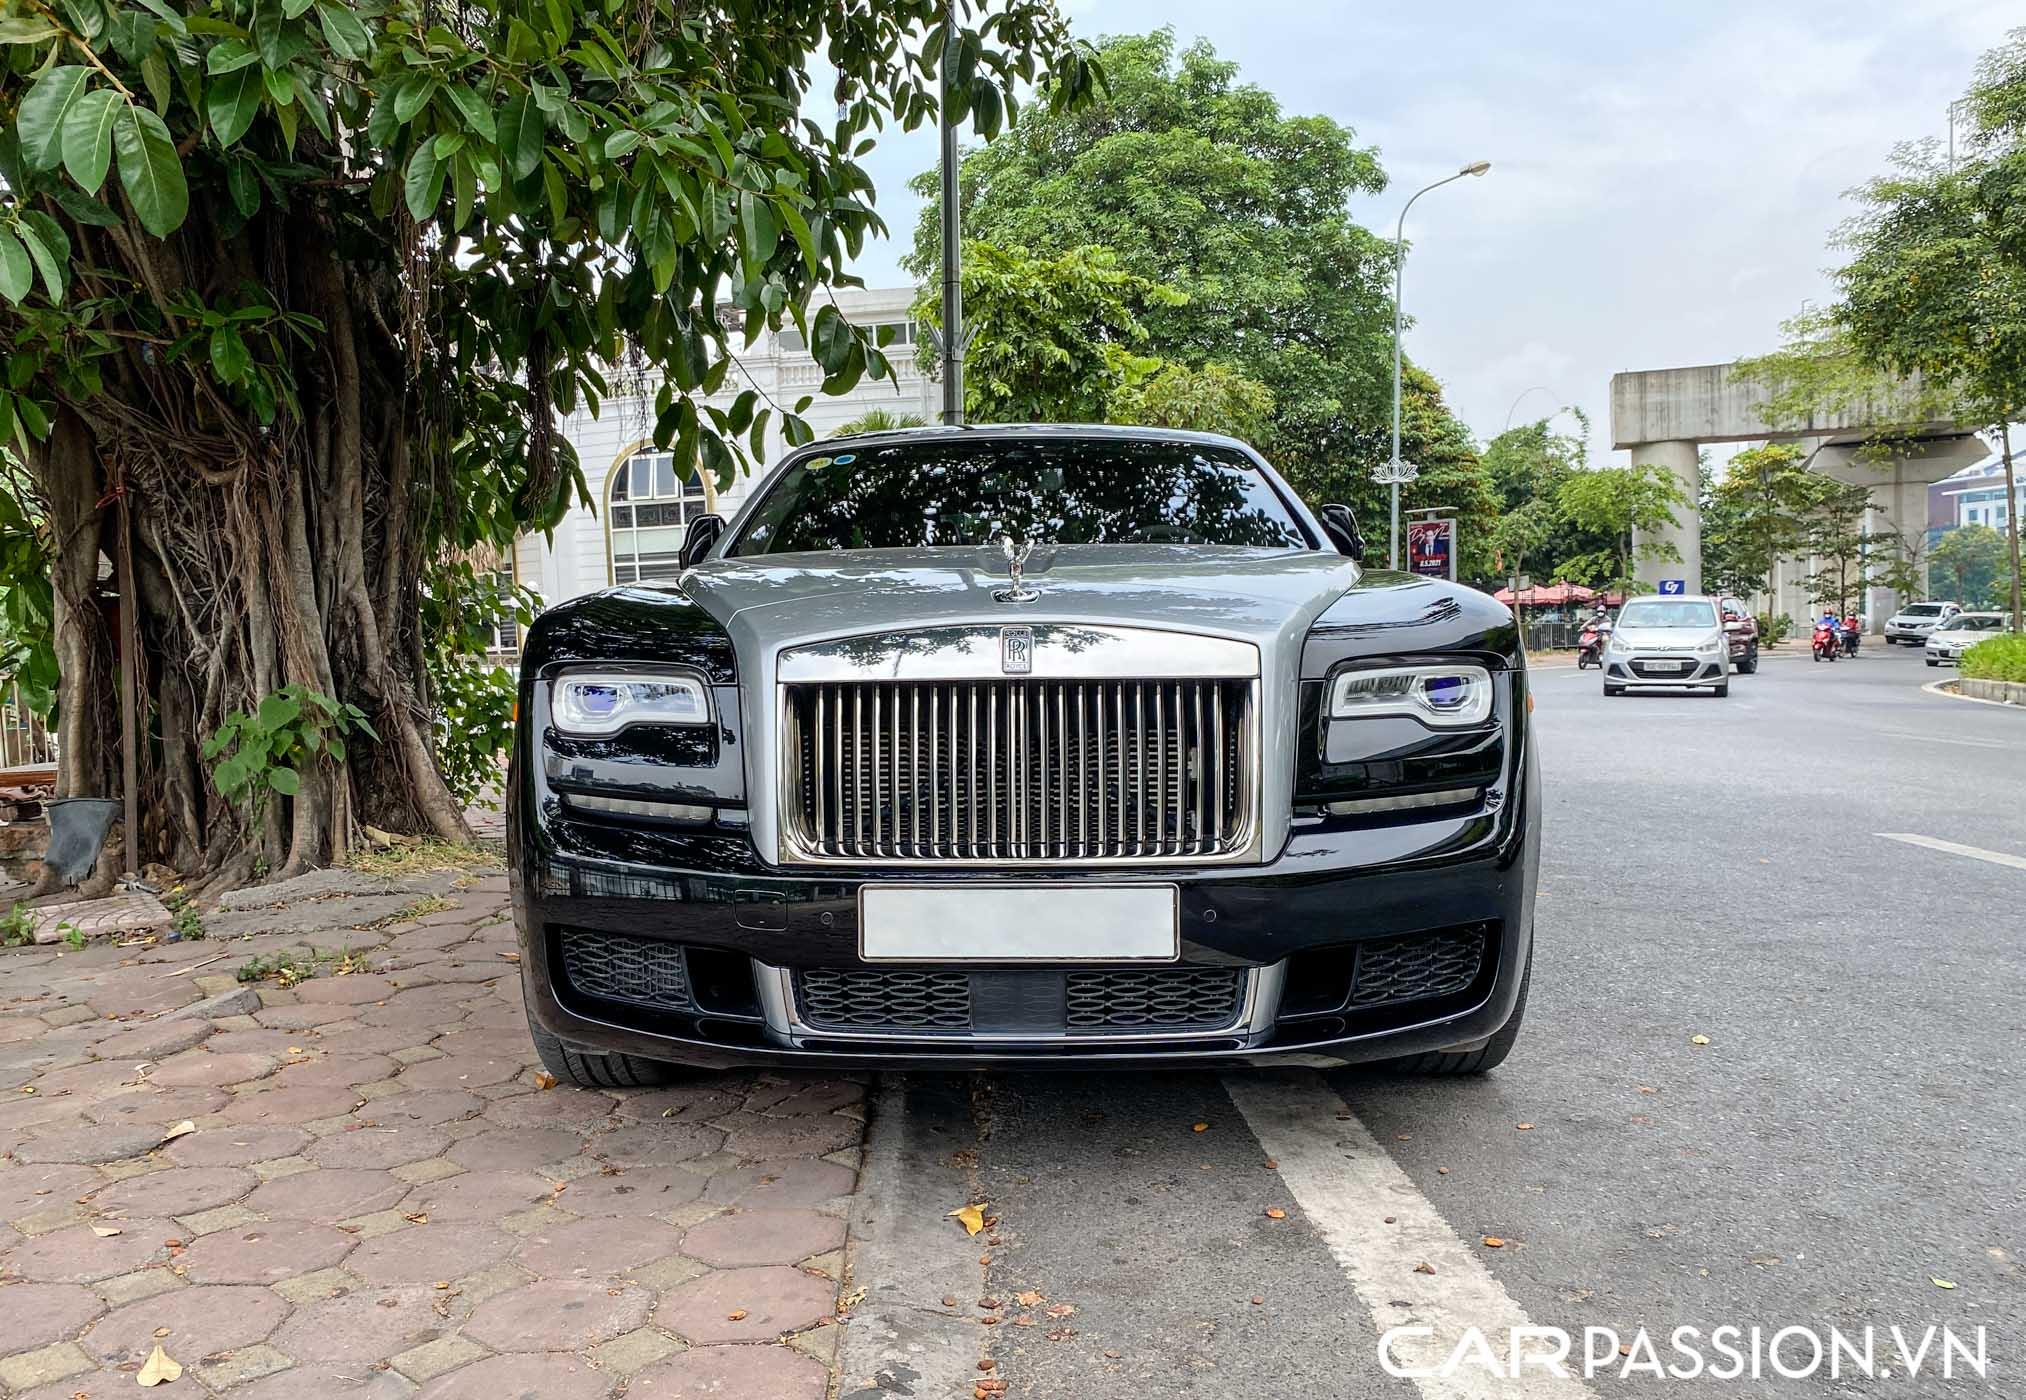 Rolls-Royce Ghost Series II 2019 Facelift (14).JPG